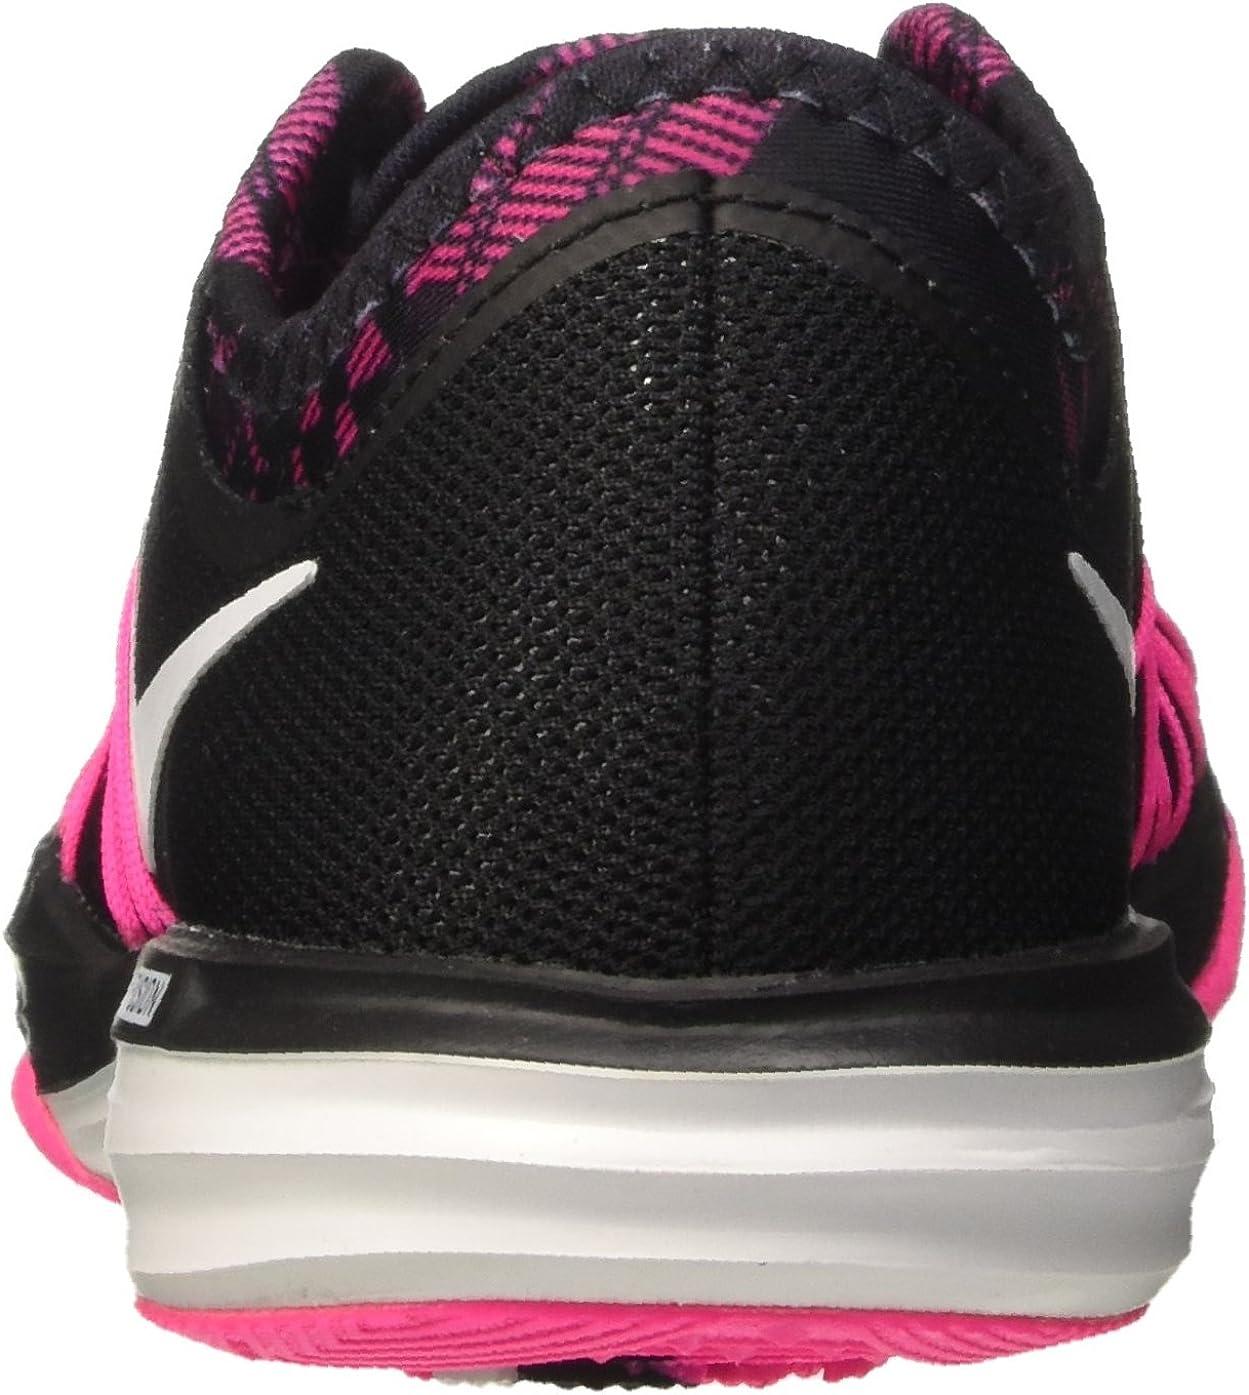 Nike W Dual Fusion TR Hit PRNT, Chaussures de randonnée Femme Noir Black Noir Explosion Blanc Rose